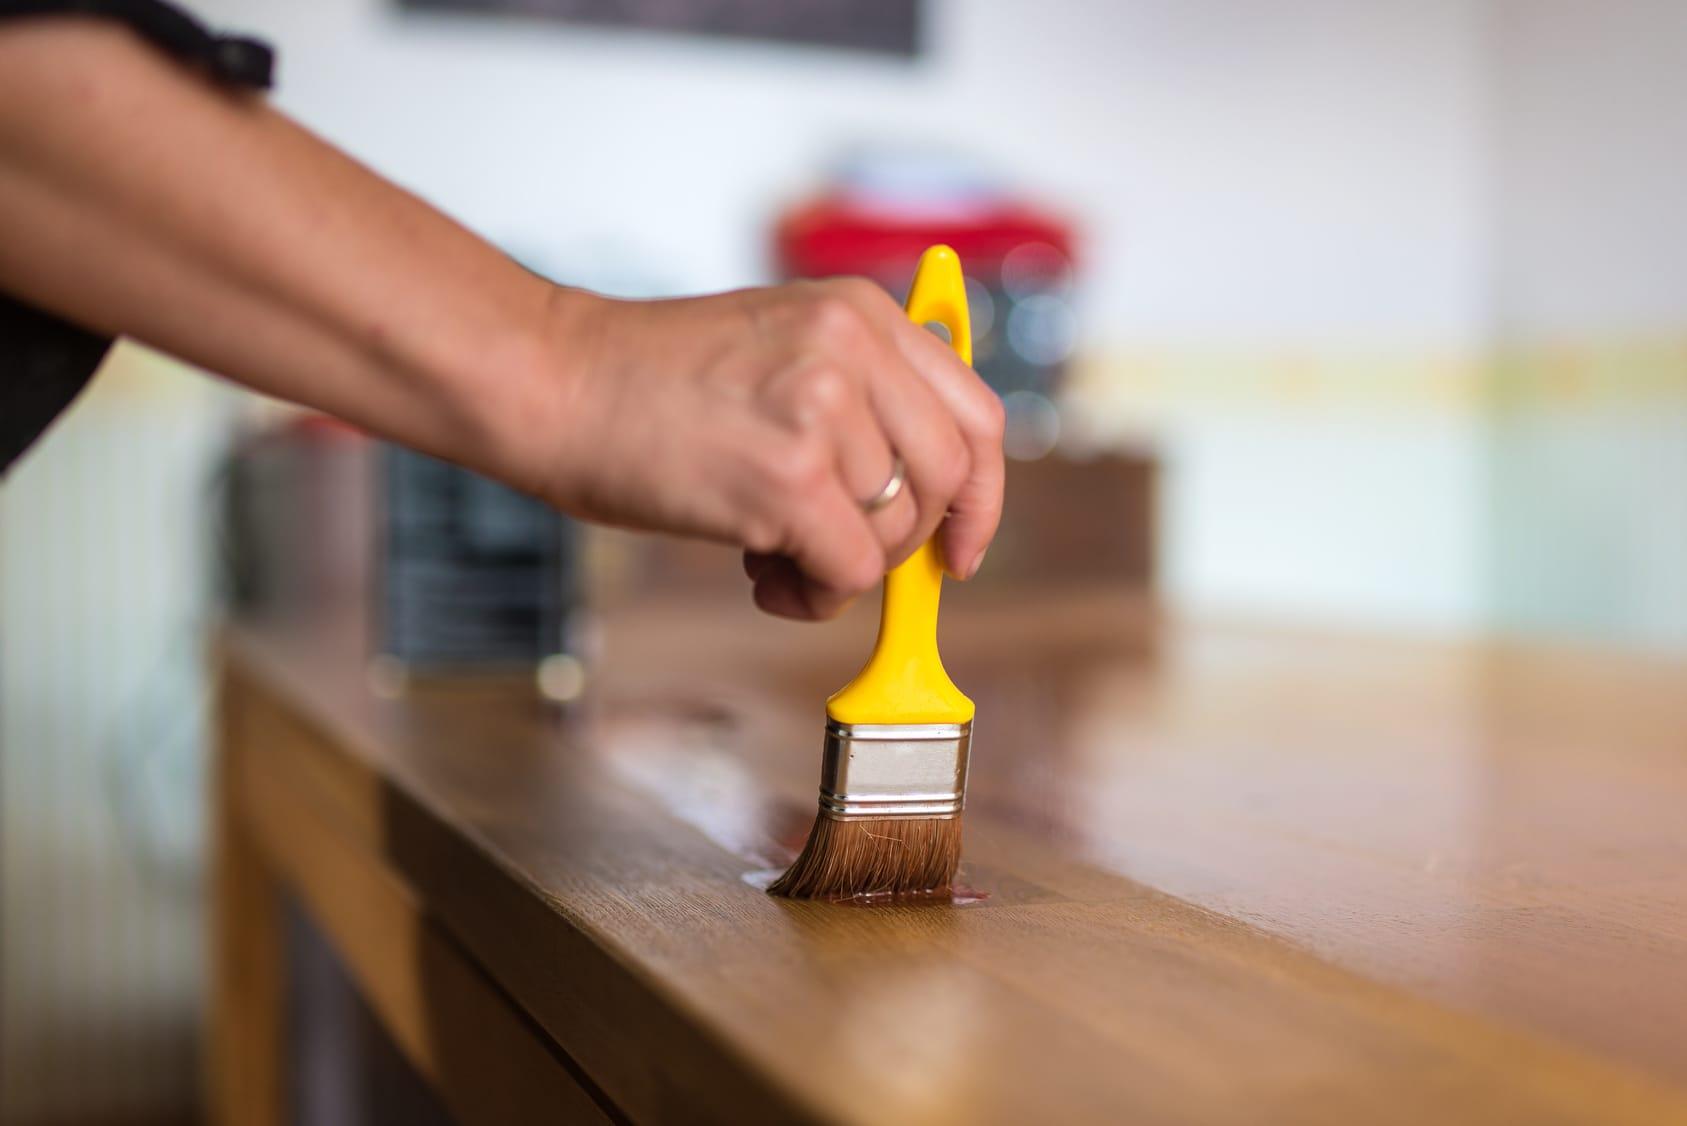 massivholzpflege 5 tipps tricks. Black Bedroom Furniture Sets. Home Design Ideas